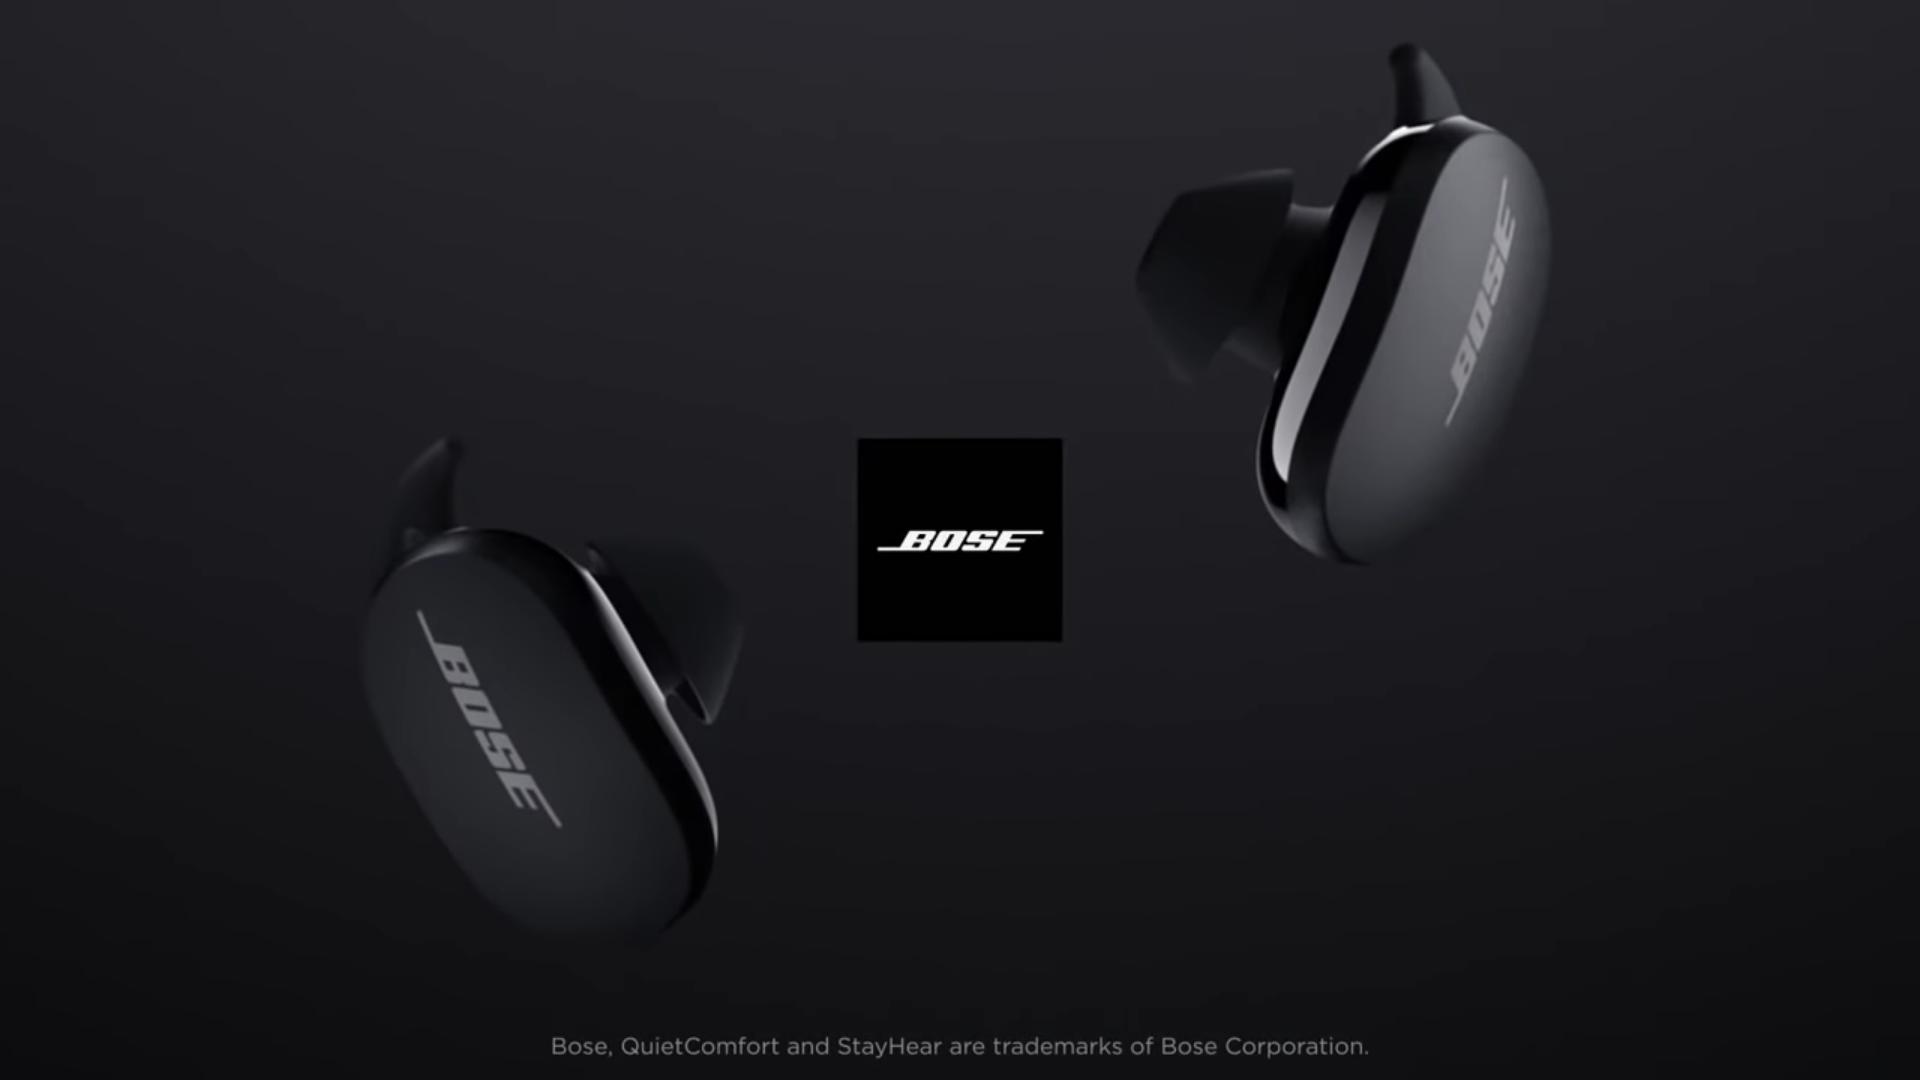 Tai nghe Bose QuietComfort Earbuds chính thức ra mắt và cho phép đặt trước - 2